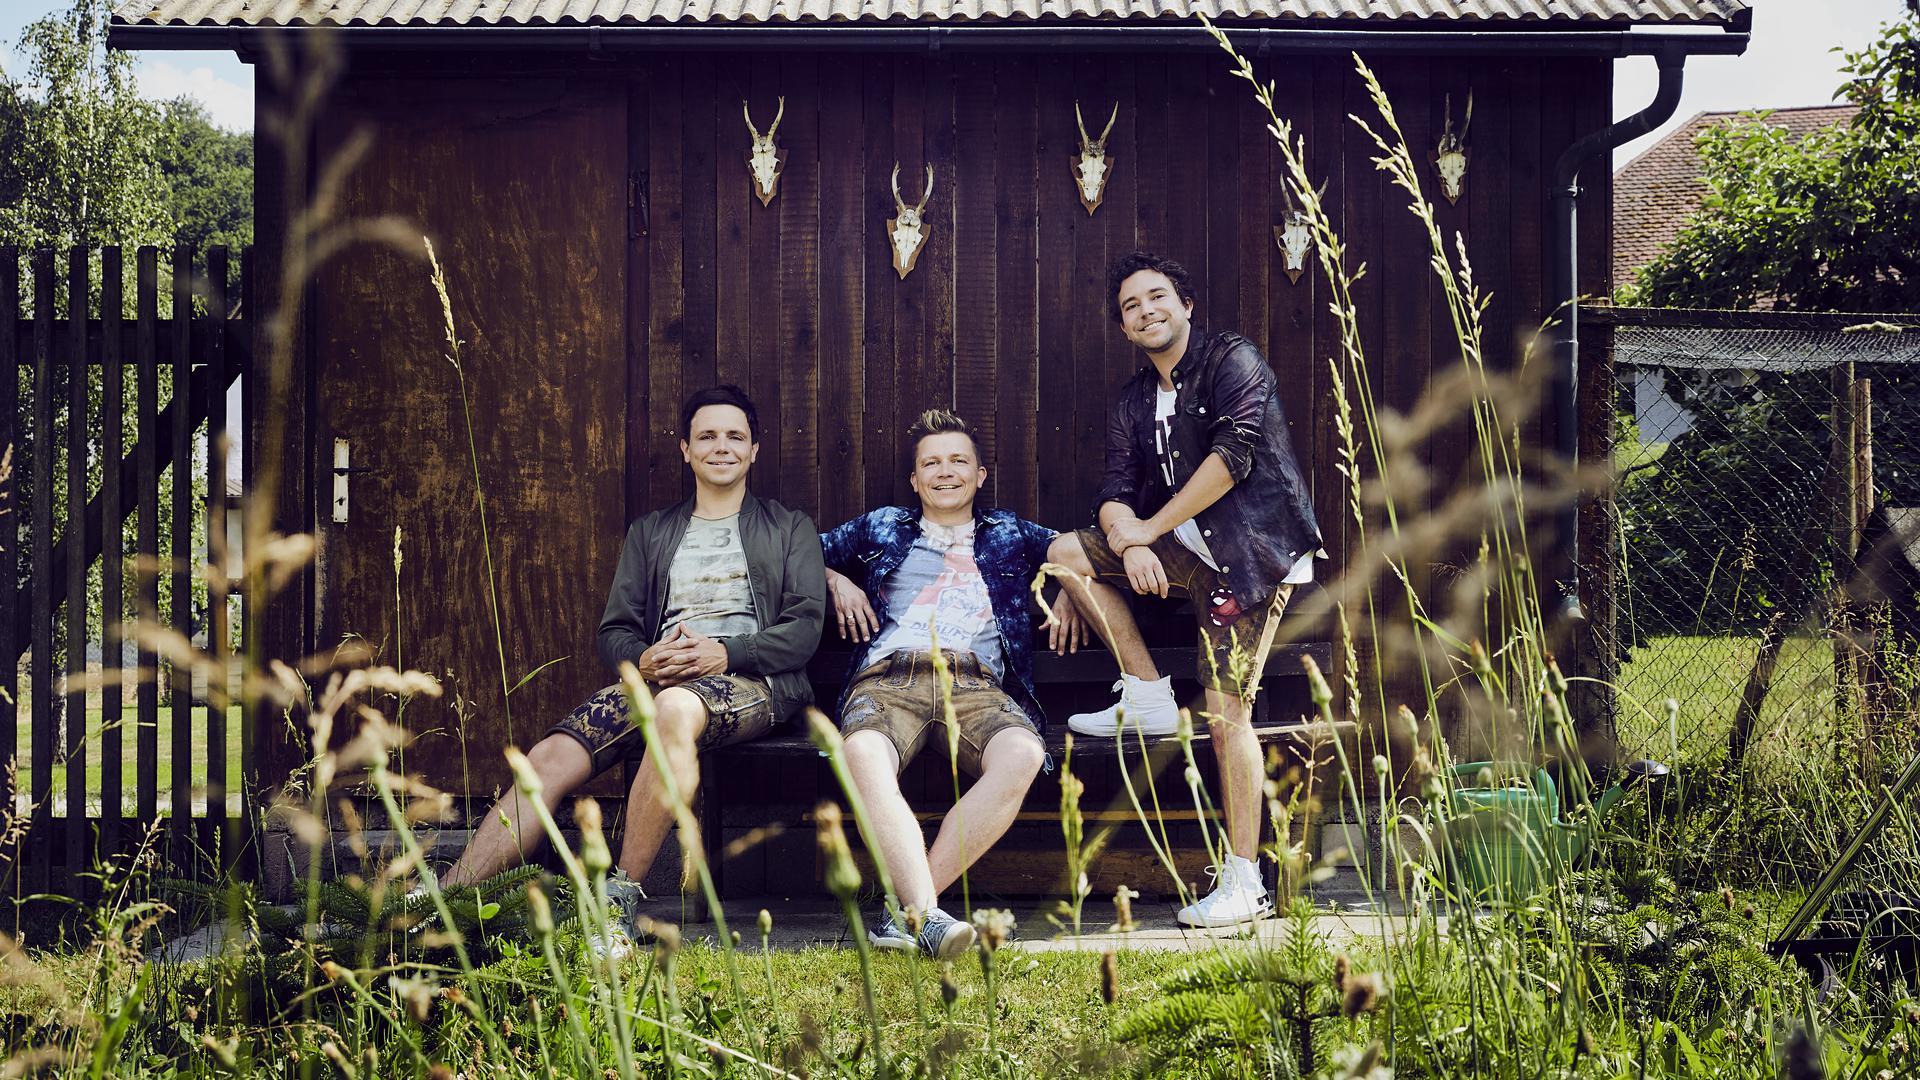 Die Dorfrocker spielen am 28. August ein Konzert in Gondelsheim.